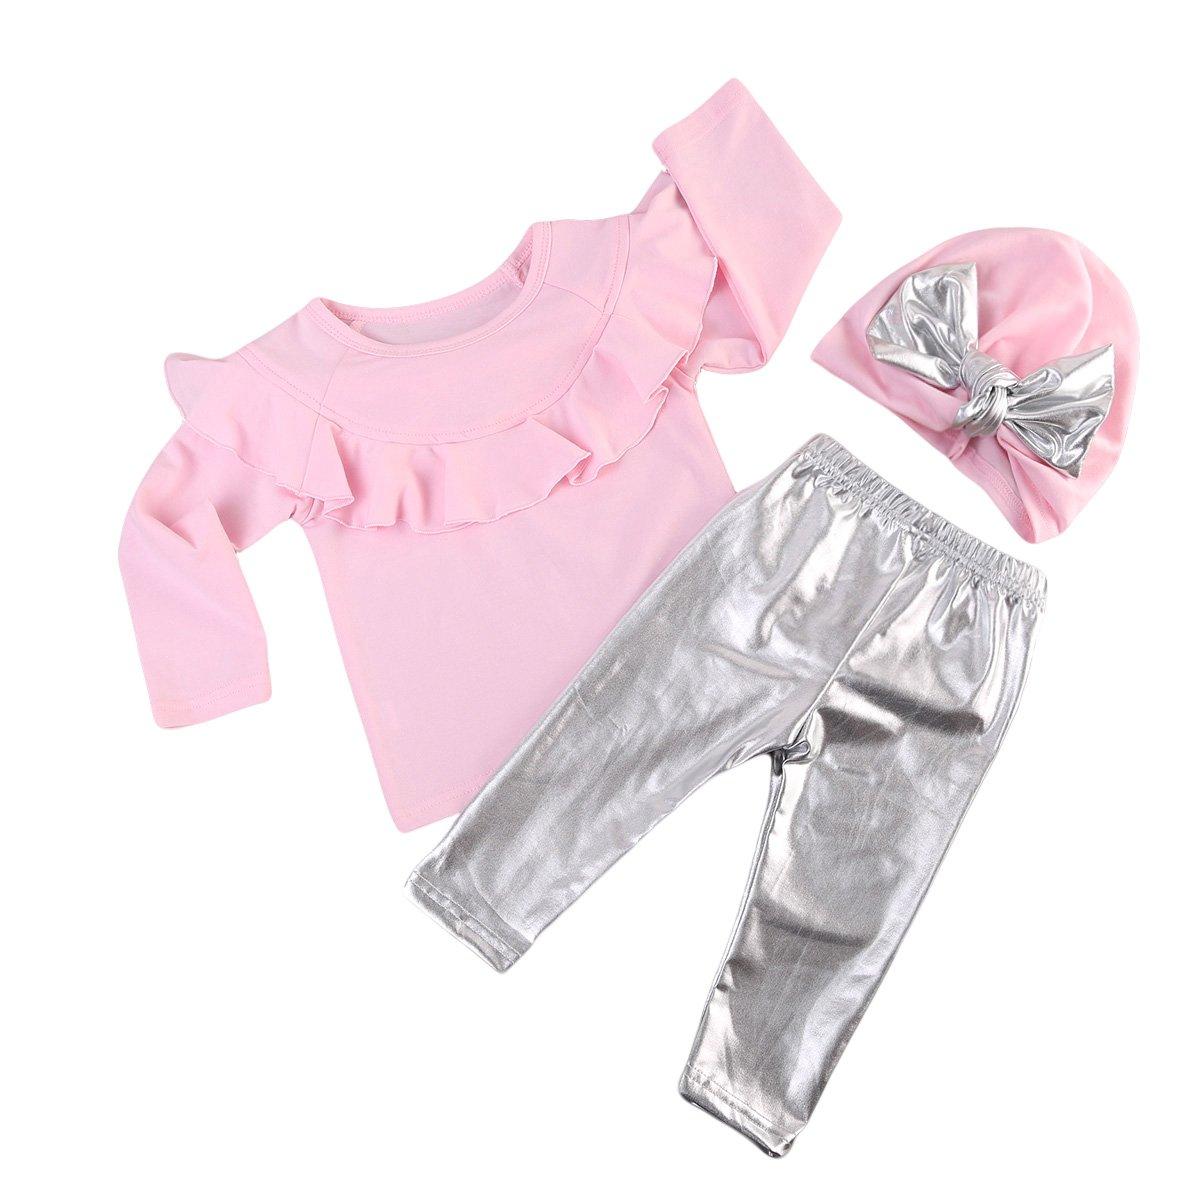 人気を誇る XARAZA PANTS ベビーガールズ 6 - 12 6 PANTS Months Pink+silver 12 B07636BGLK, GROW AROUND グロウアラウンド:935135ce --- a0267596.xsph.ru